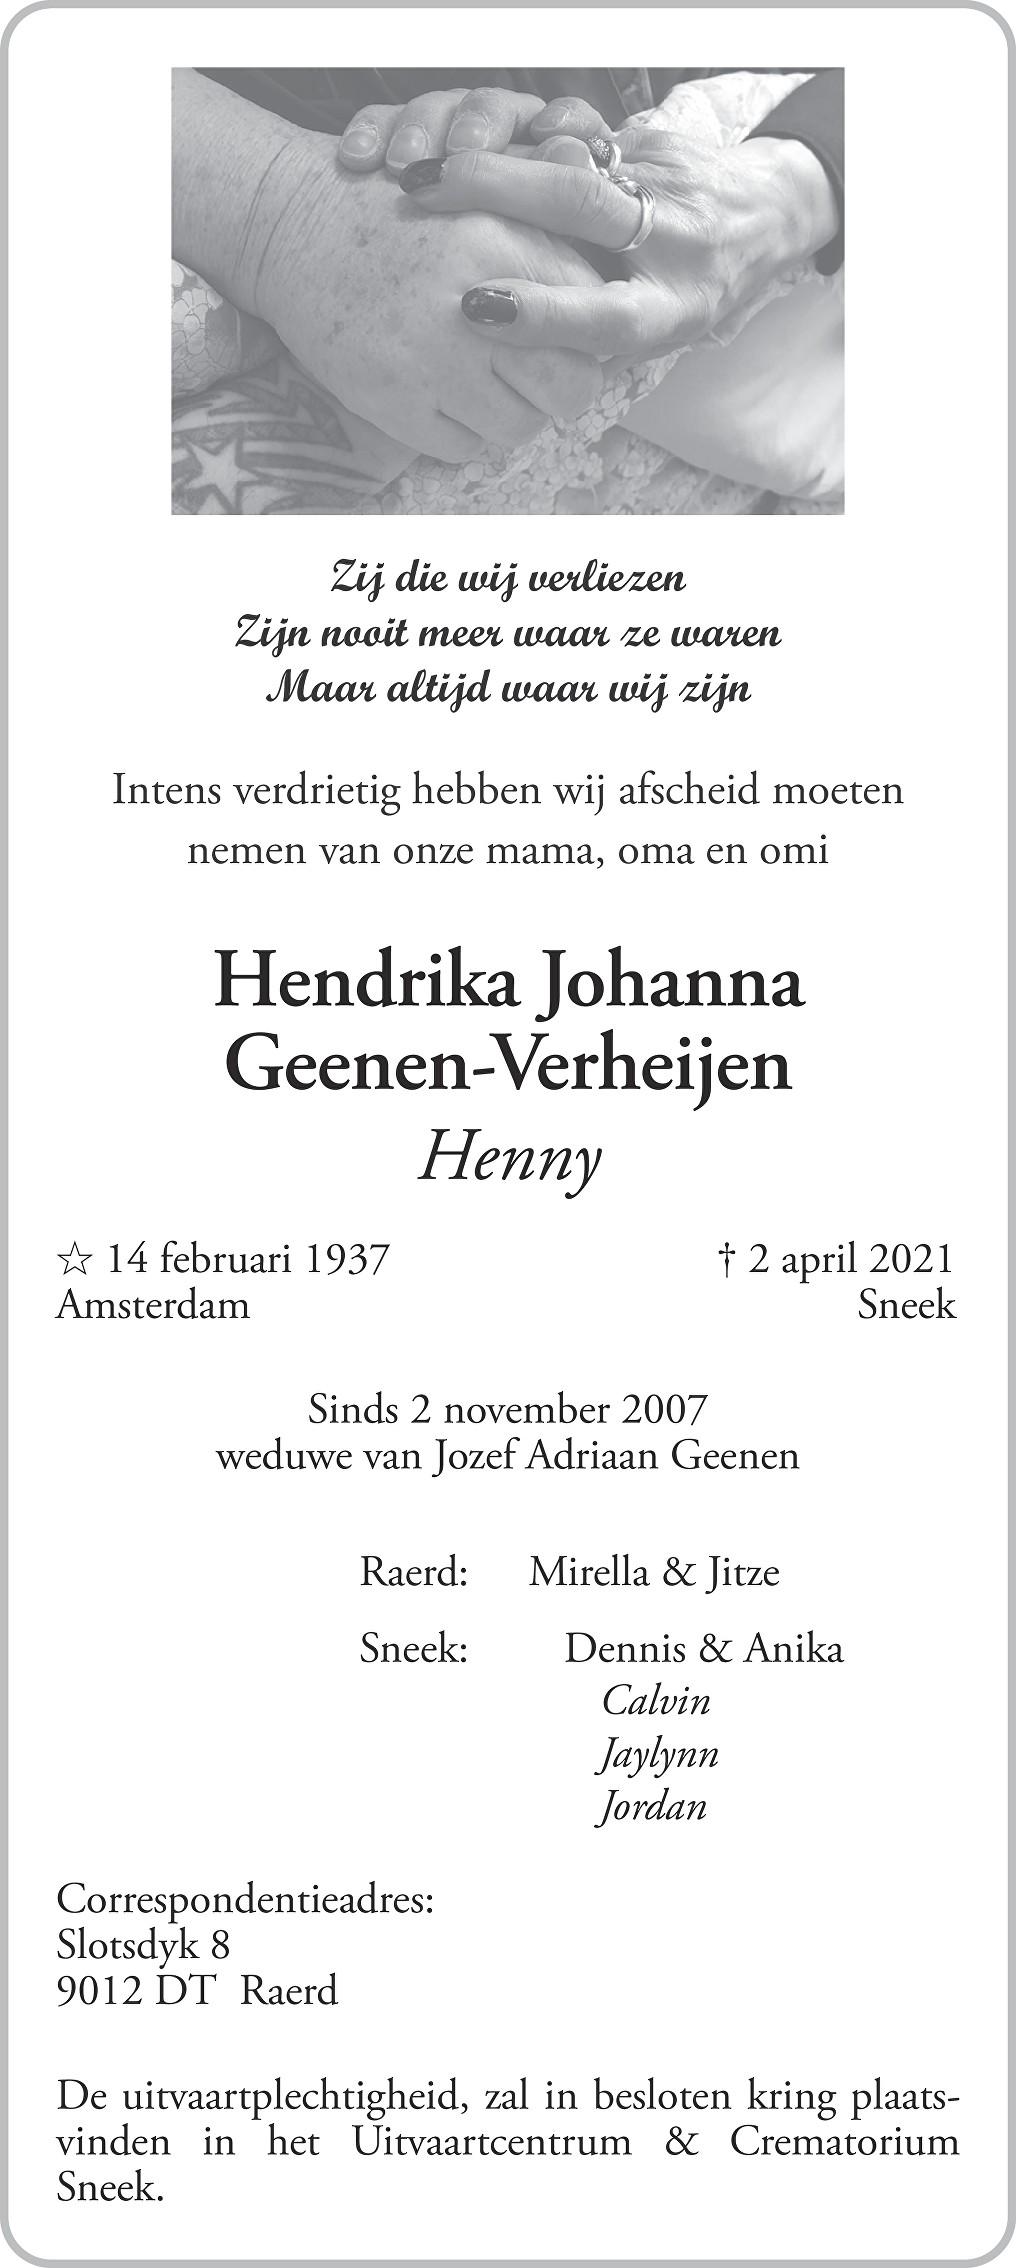 Hendrika Johanna Geenen-Verheijen Death notice